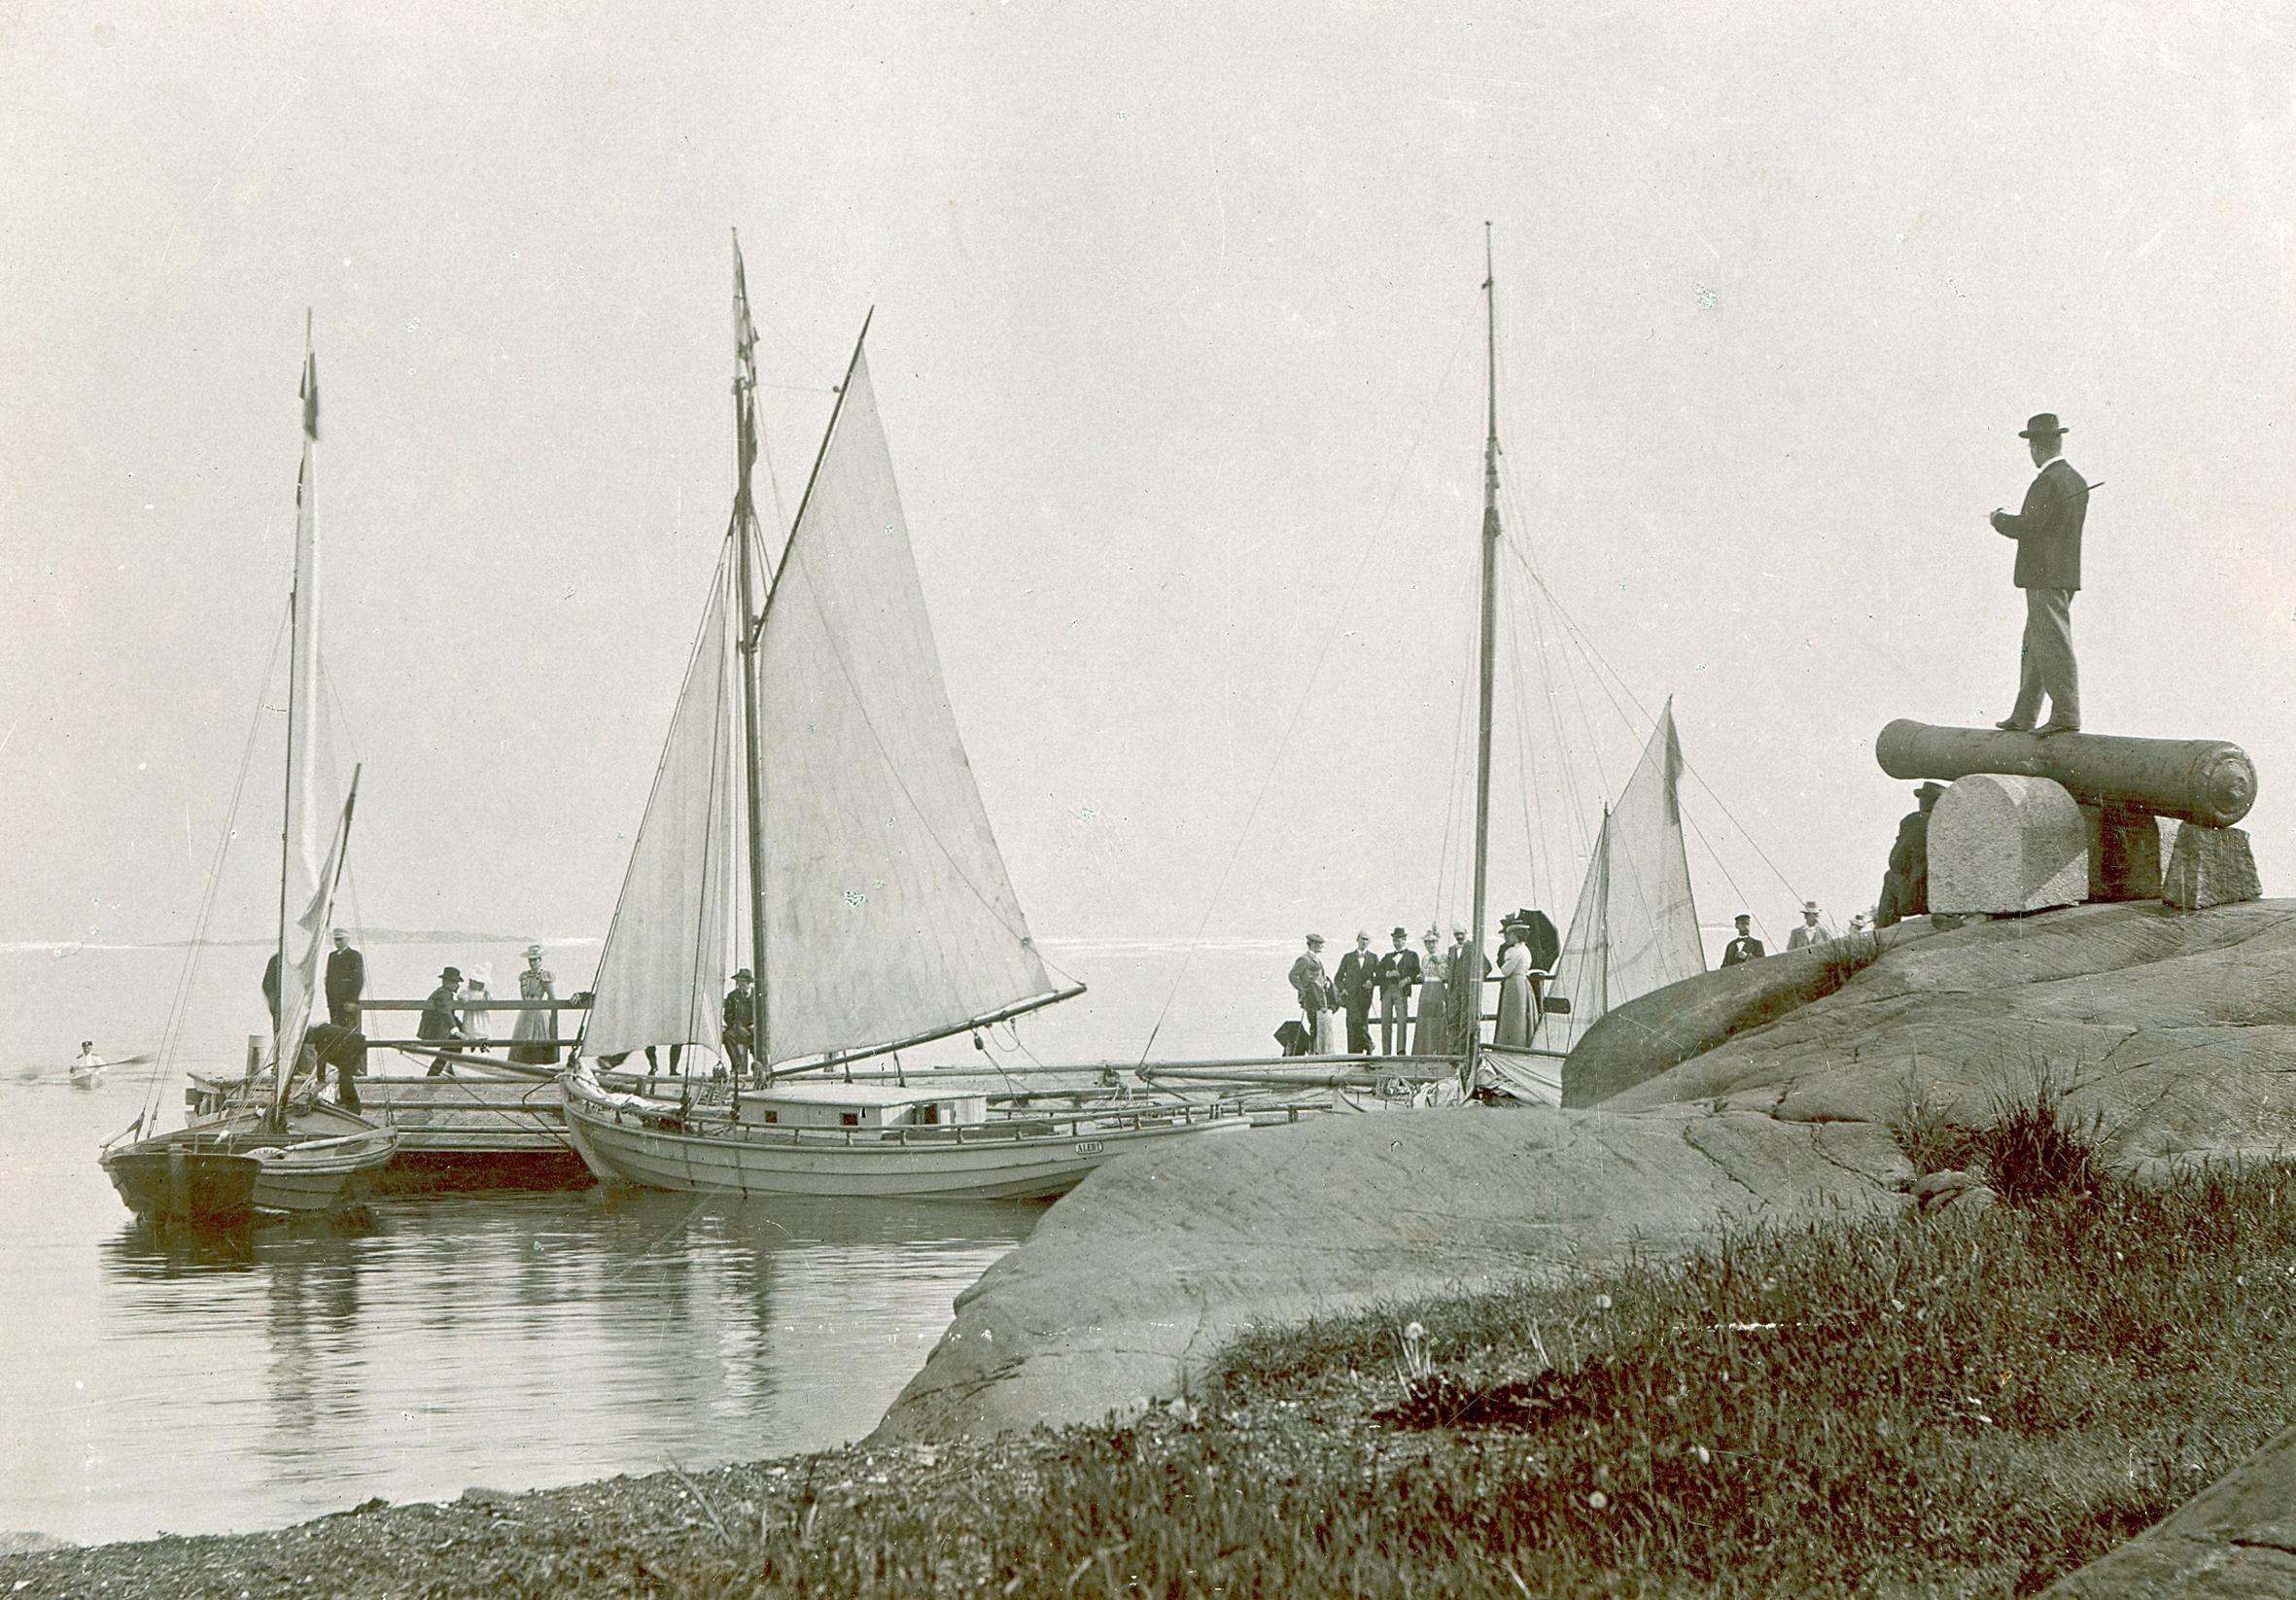 Kuva Hangon historiasta, rantalliot, purjeveneitä ja ihmisiä.